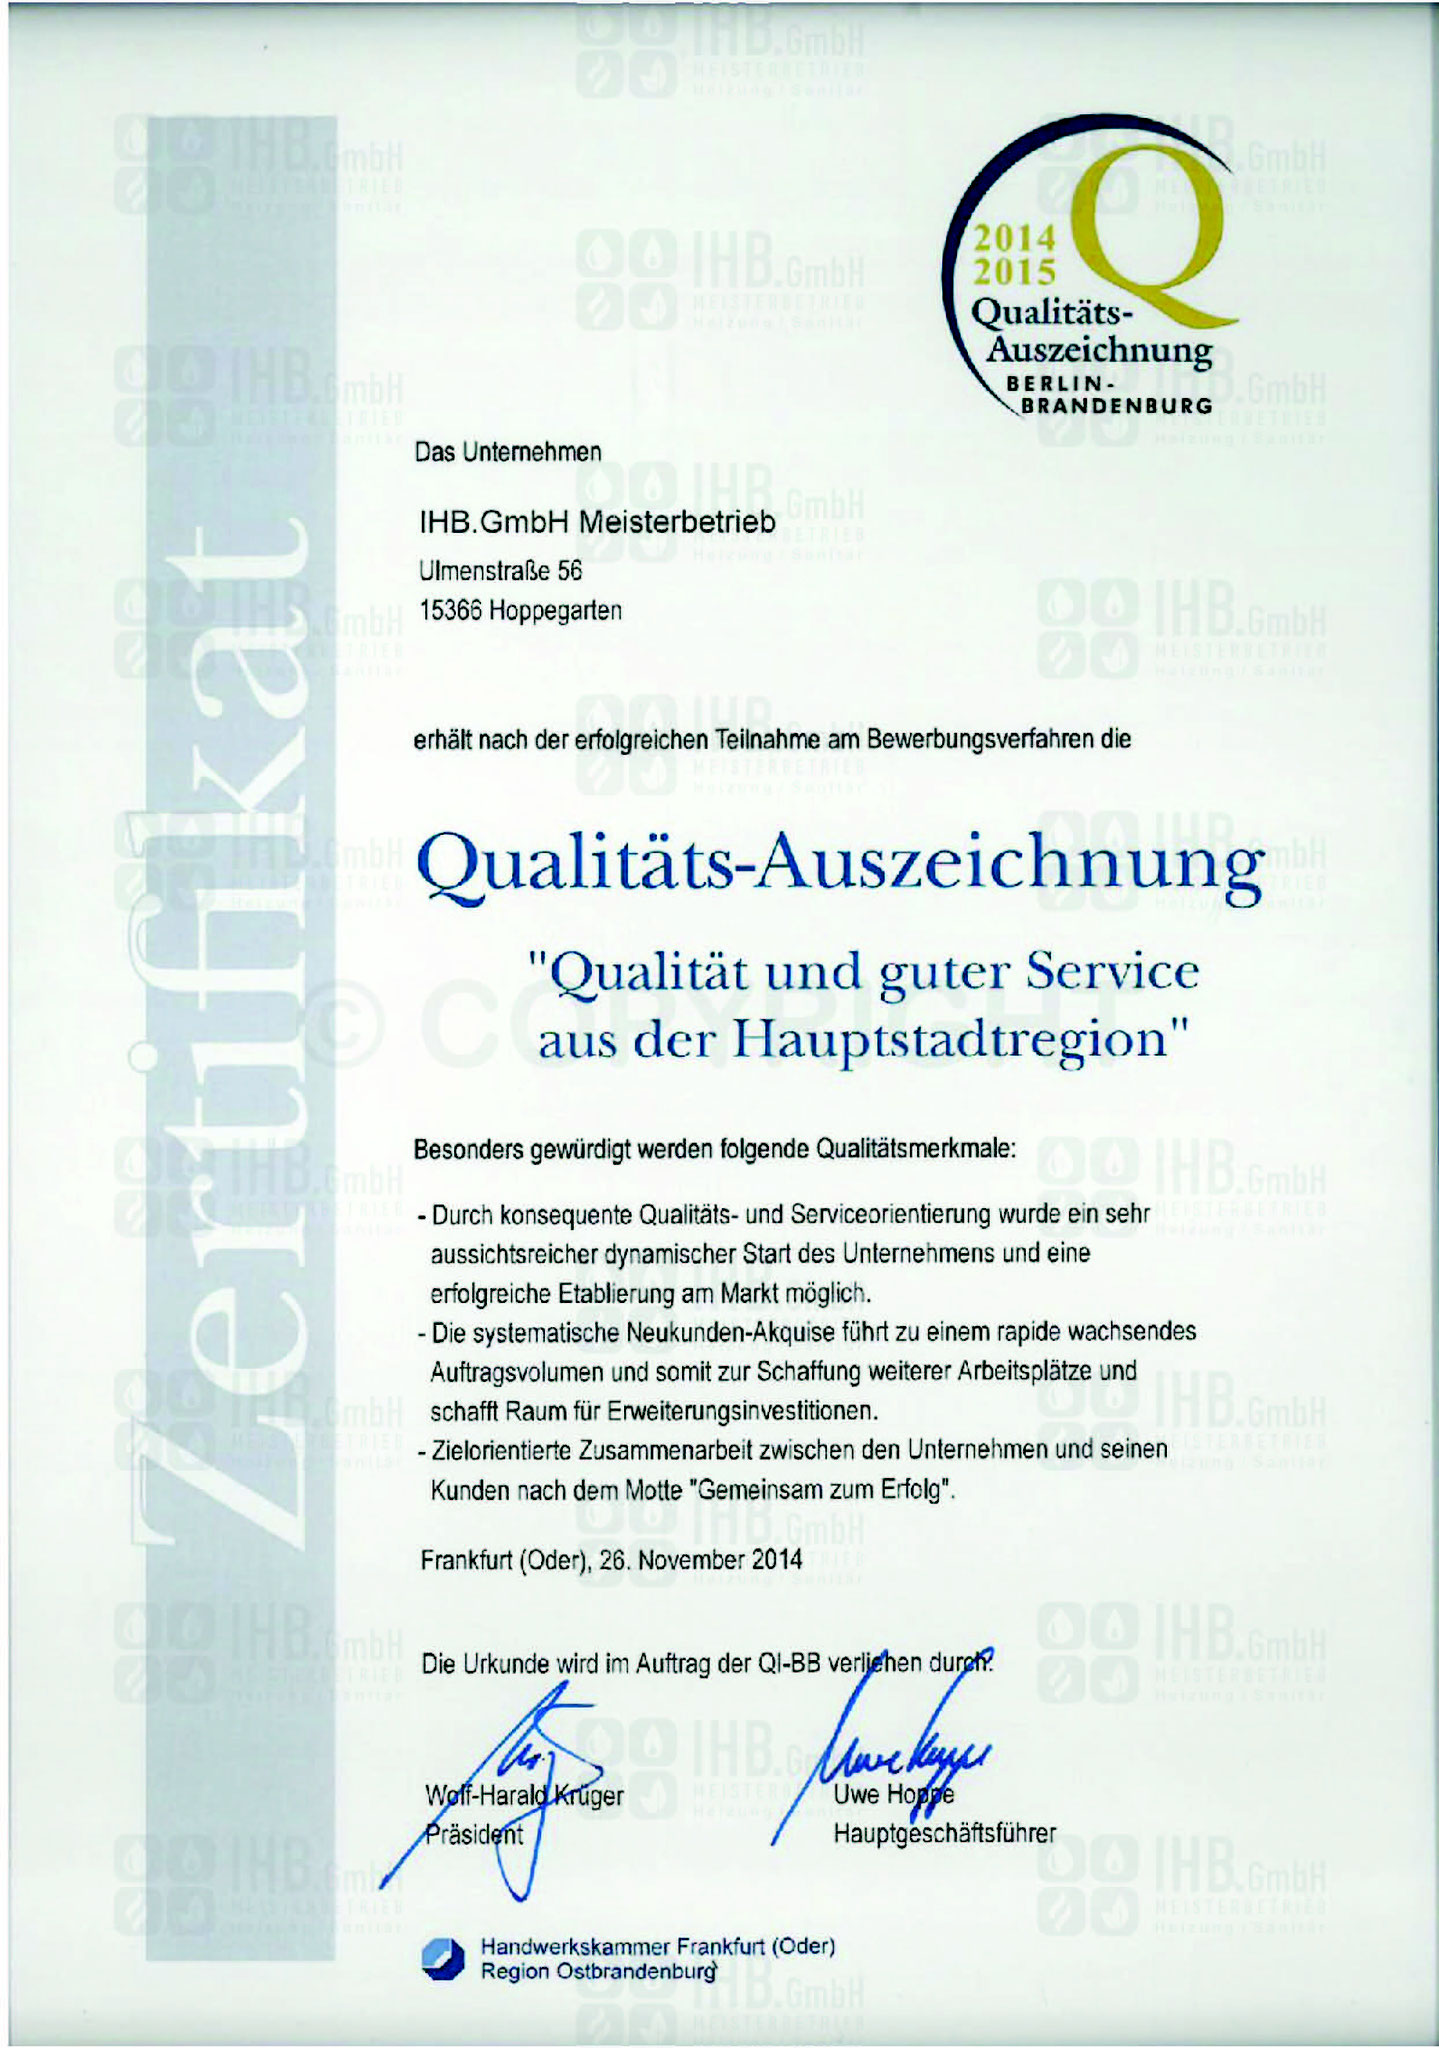 Qualitätsauszeichnung 2014/2015